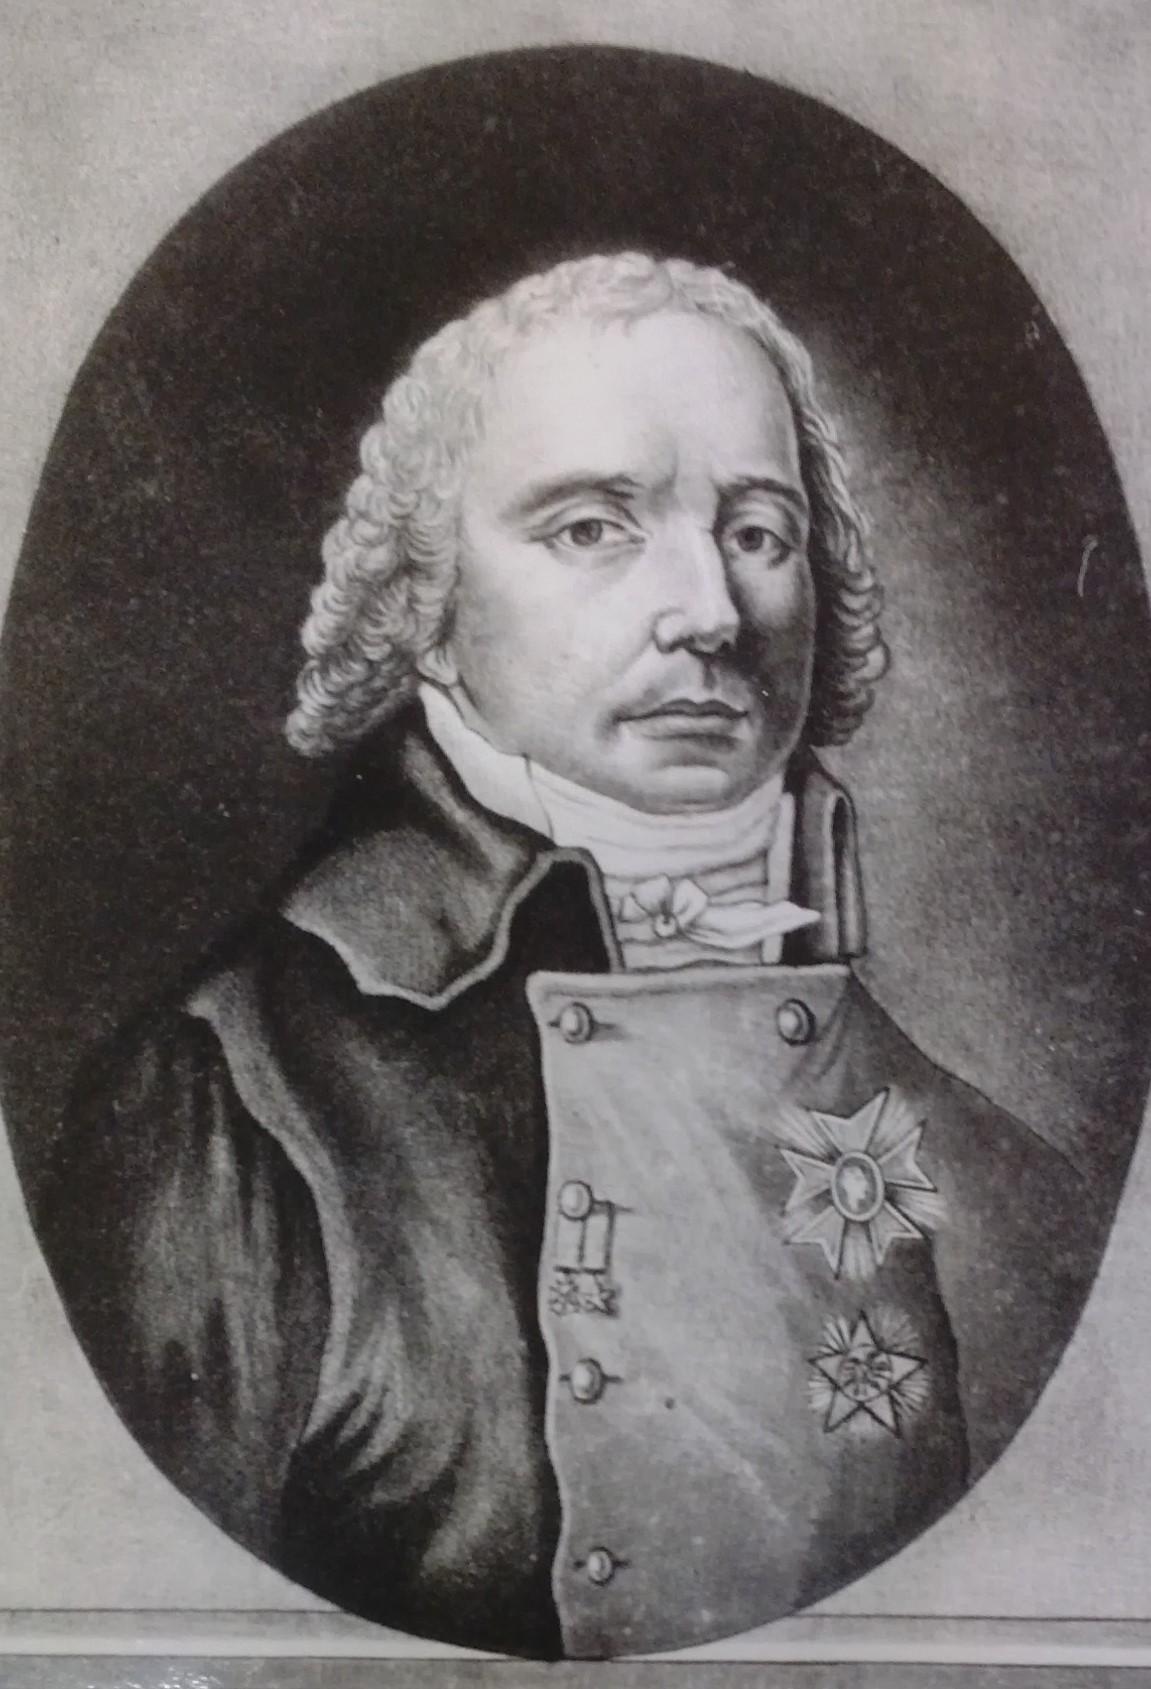 Charles-Maurice de Talleyrand-Périgord, Principe di Benevento (Parigi, 2 febbraio 1754 – Parigi, 17 maggio 1838). Gravure à l'eau-forte. Colleziona privata.